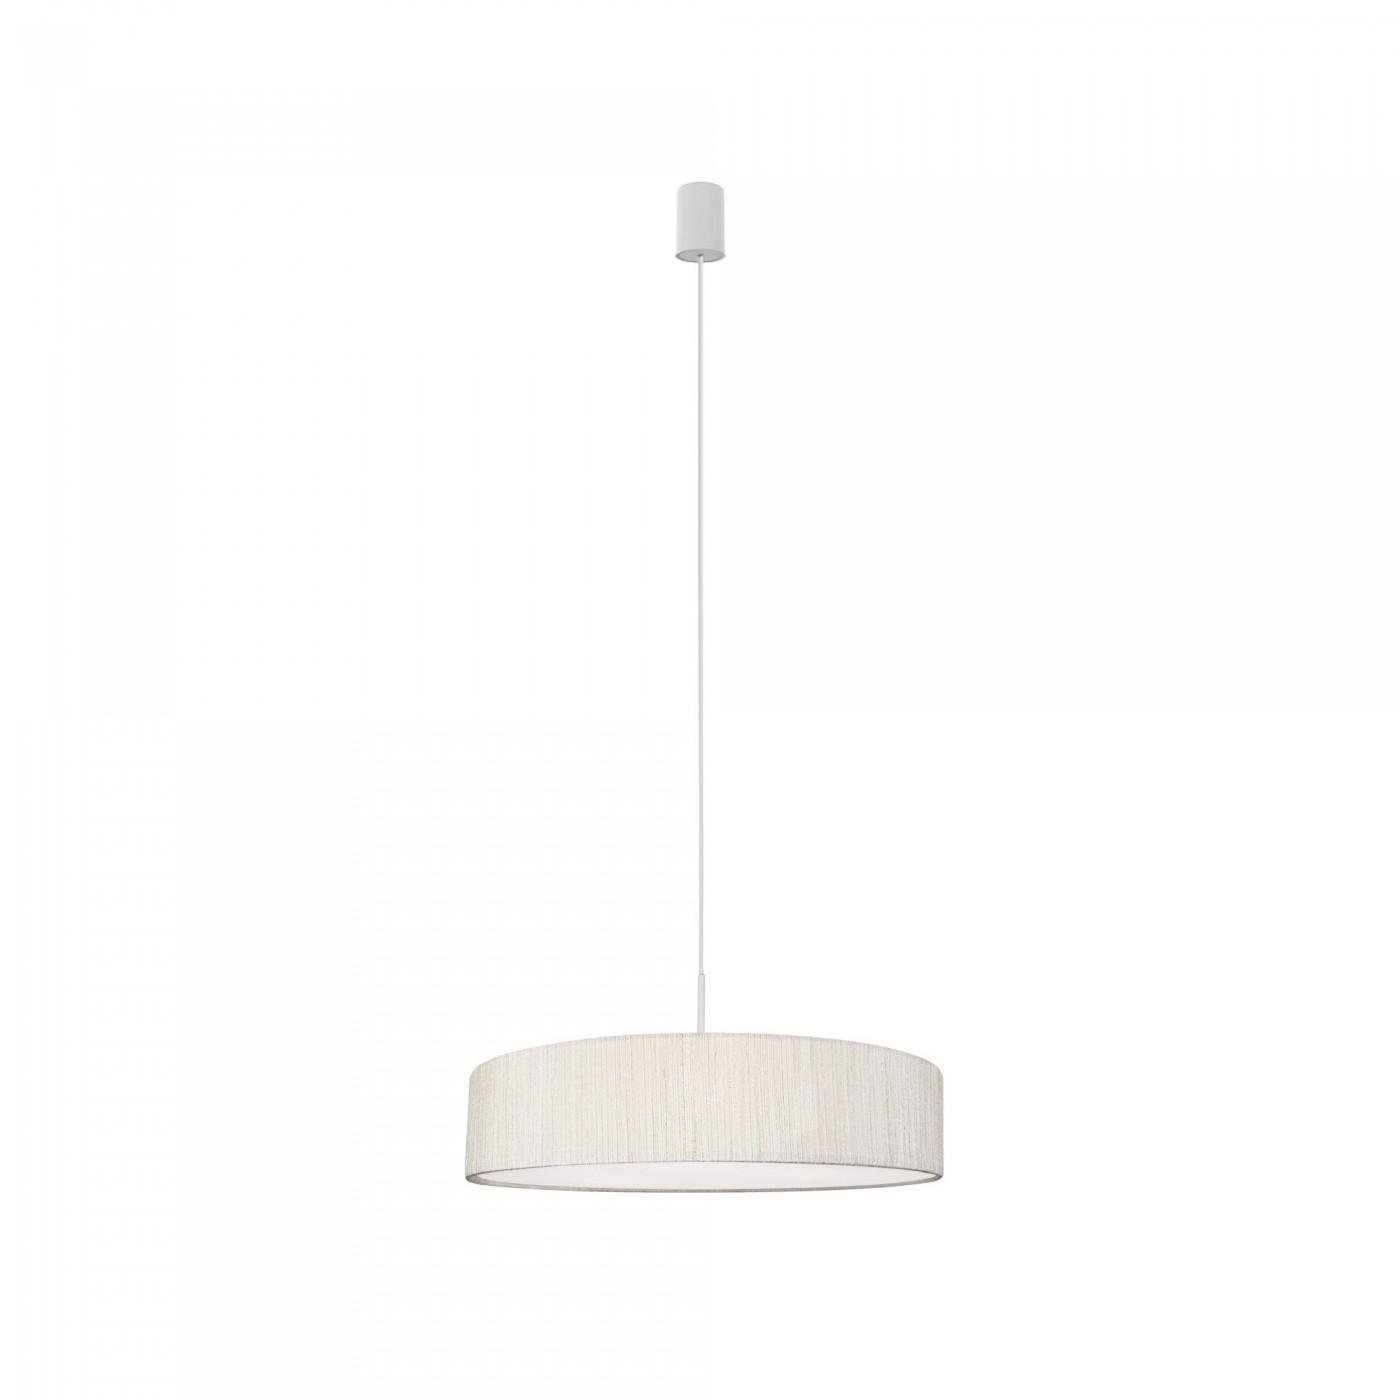 TURDA ⌀50  8945 Nowodvorski Lighting